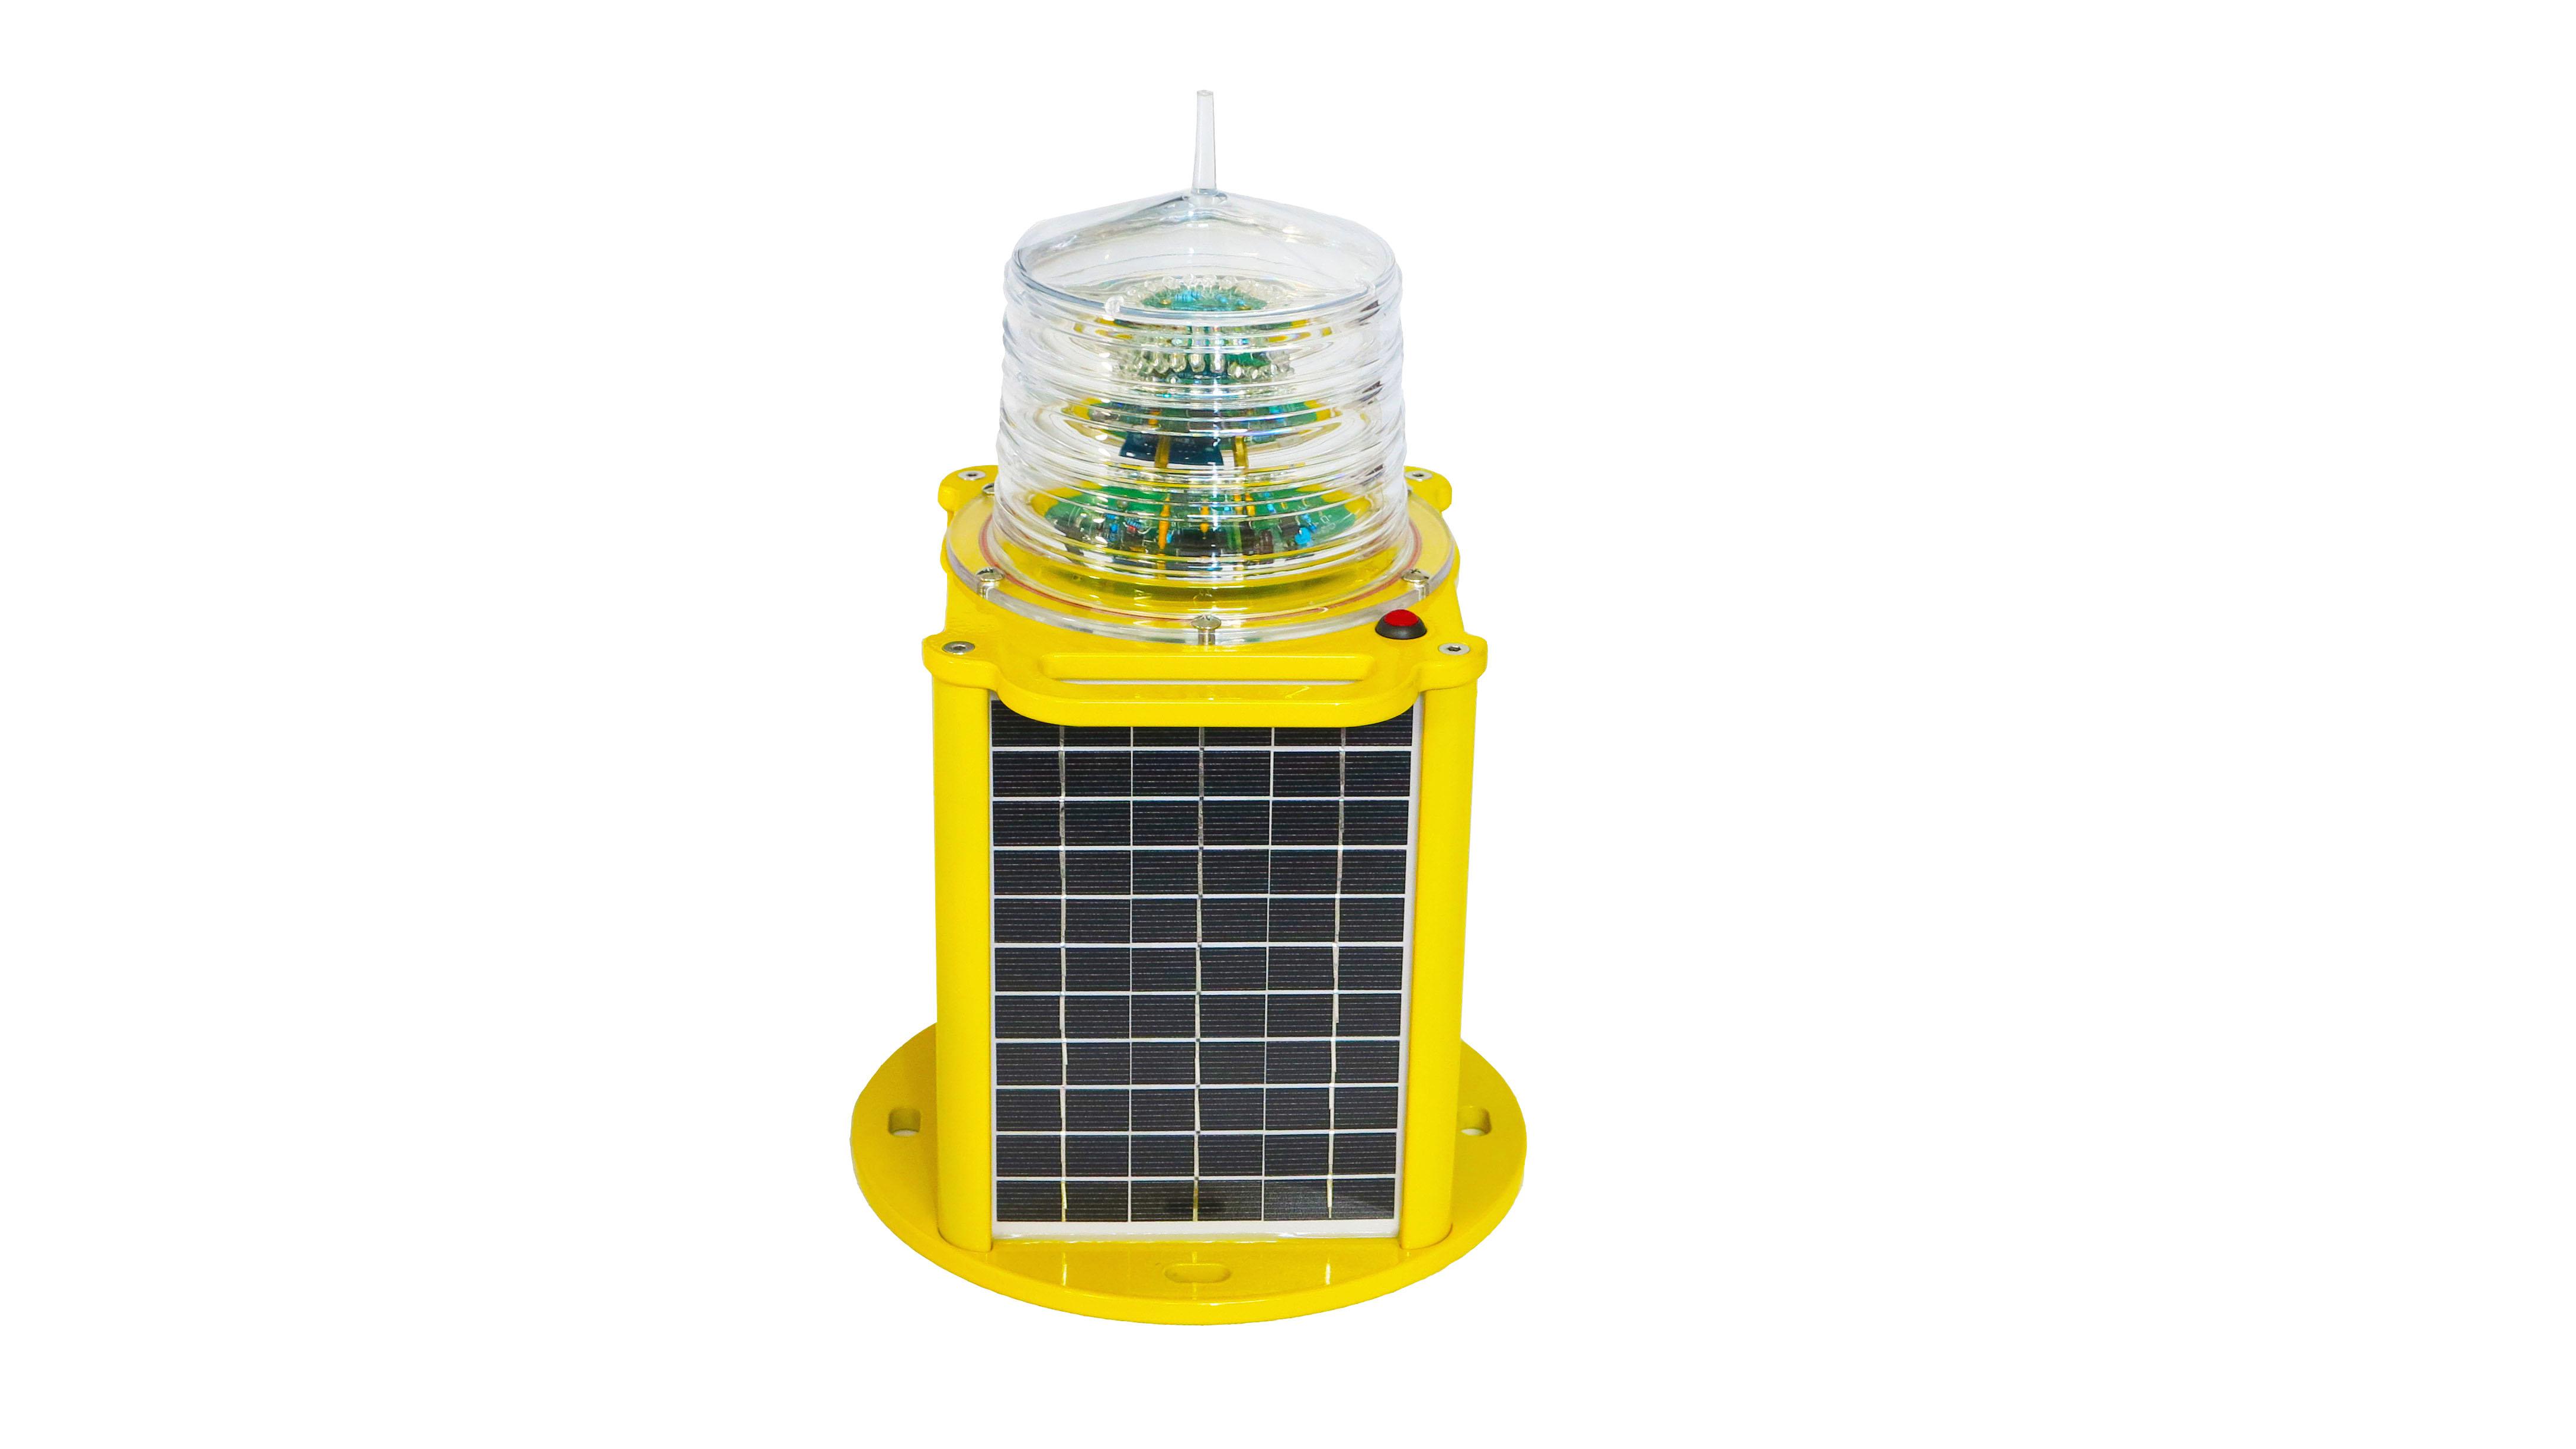 太阳能中光强障碍灯 可提式障碍灯 太阳能障碍灯